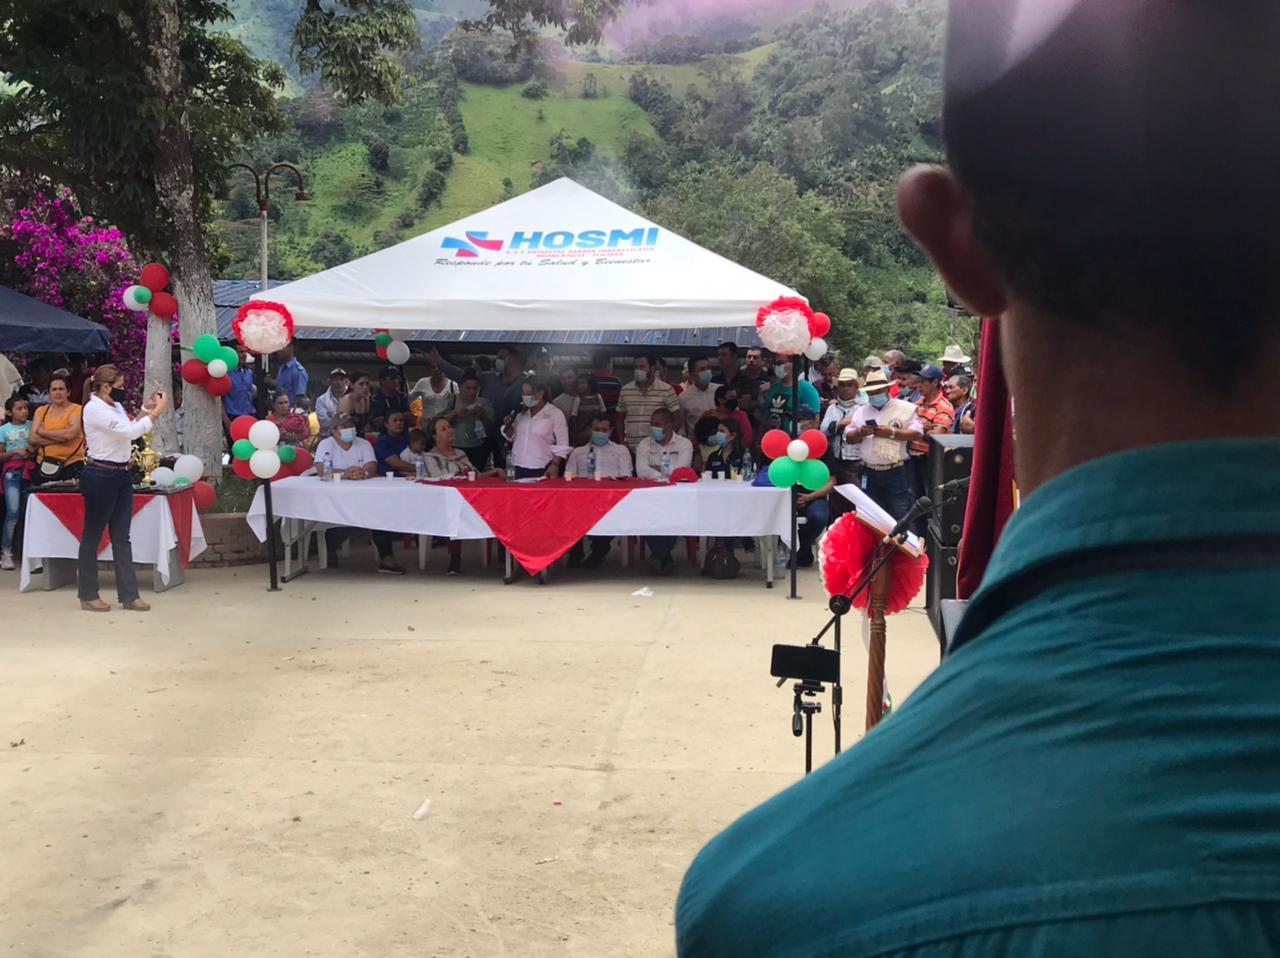 Alcaldesa de Rioblanco habría invitado a candidata a conmemoración de los 90 años de Herrera 2